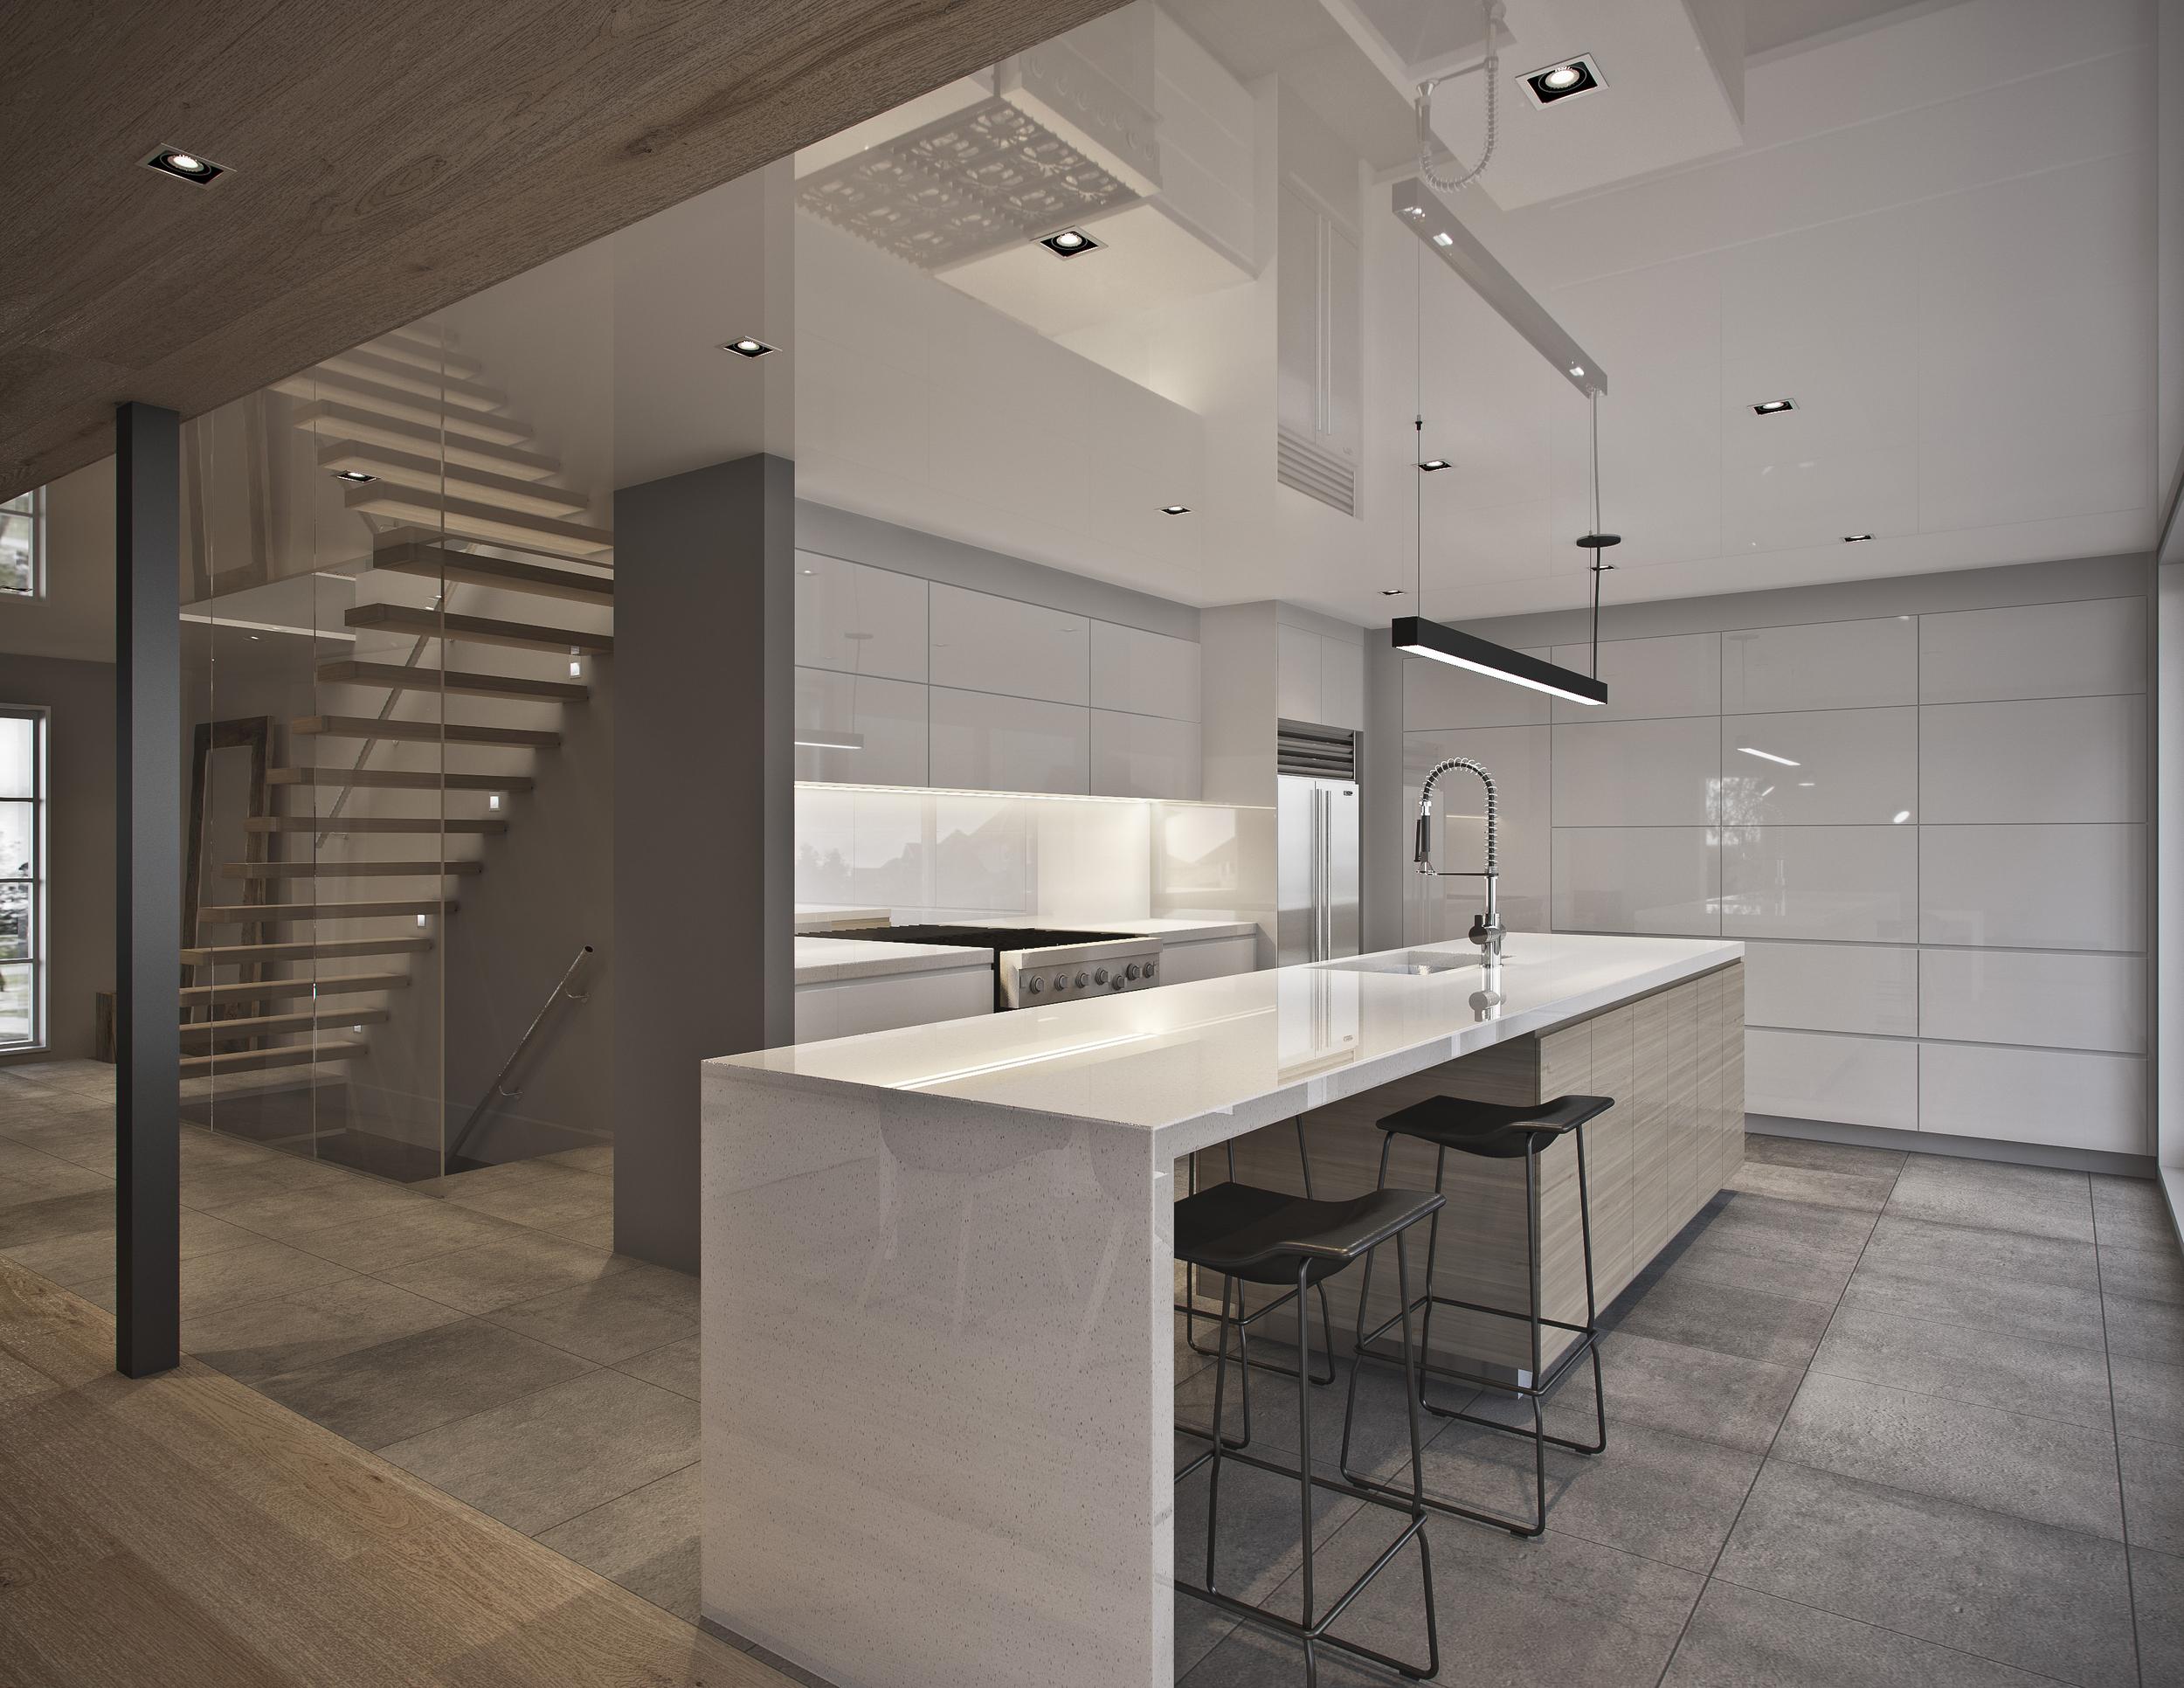 INTÉRIEUR: Vue de la cuisine et de l'escalier.